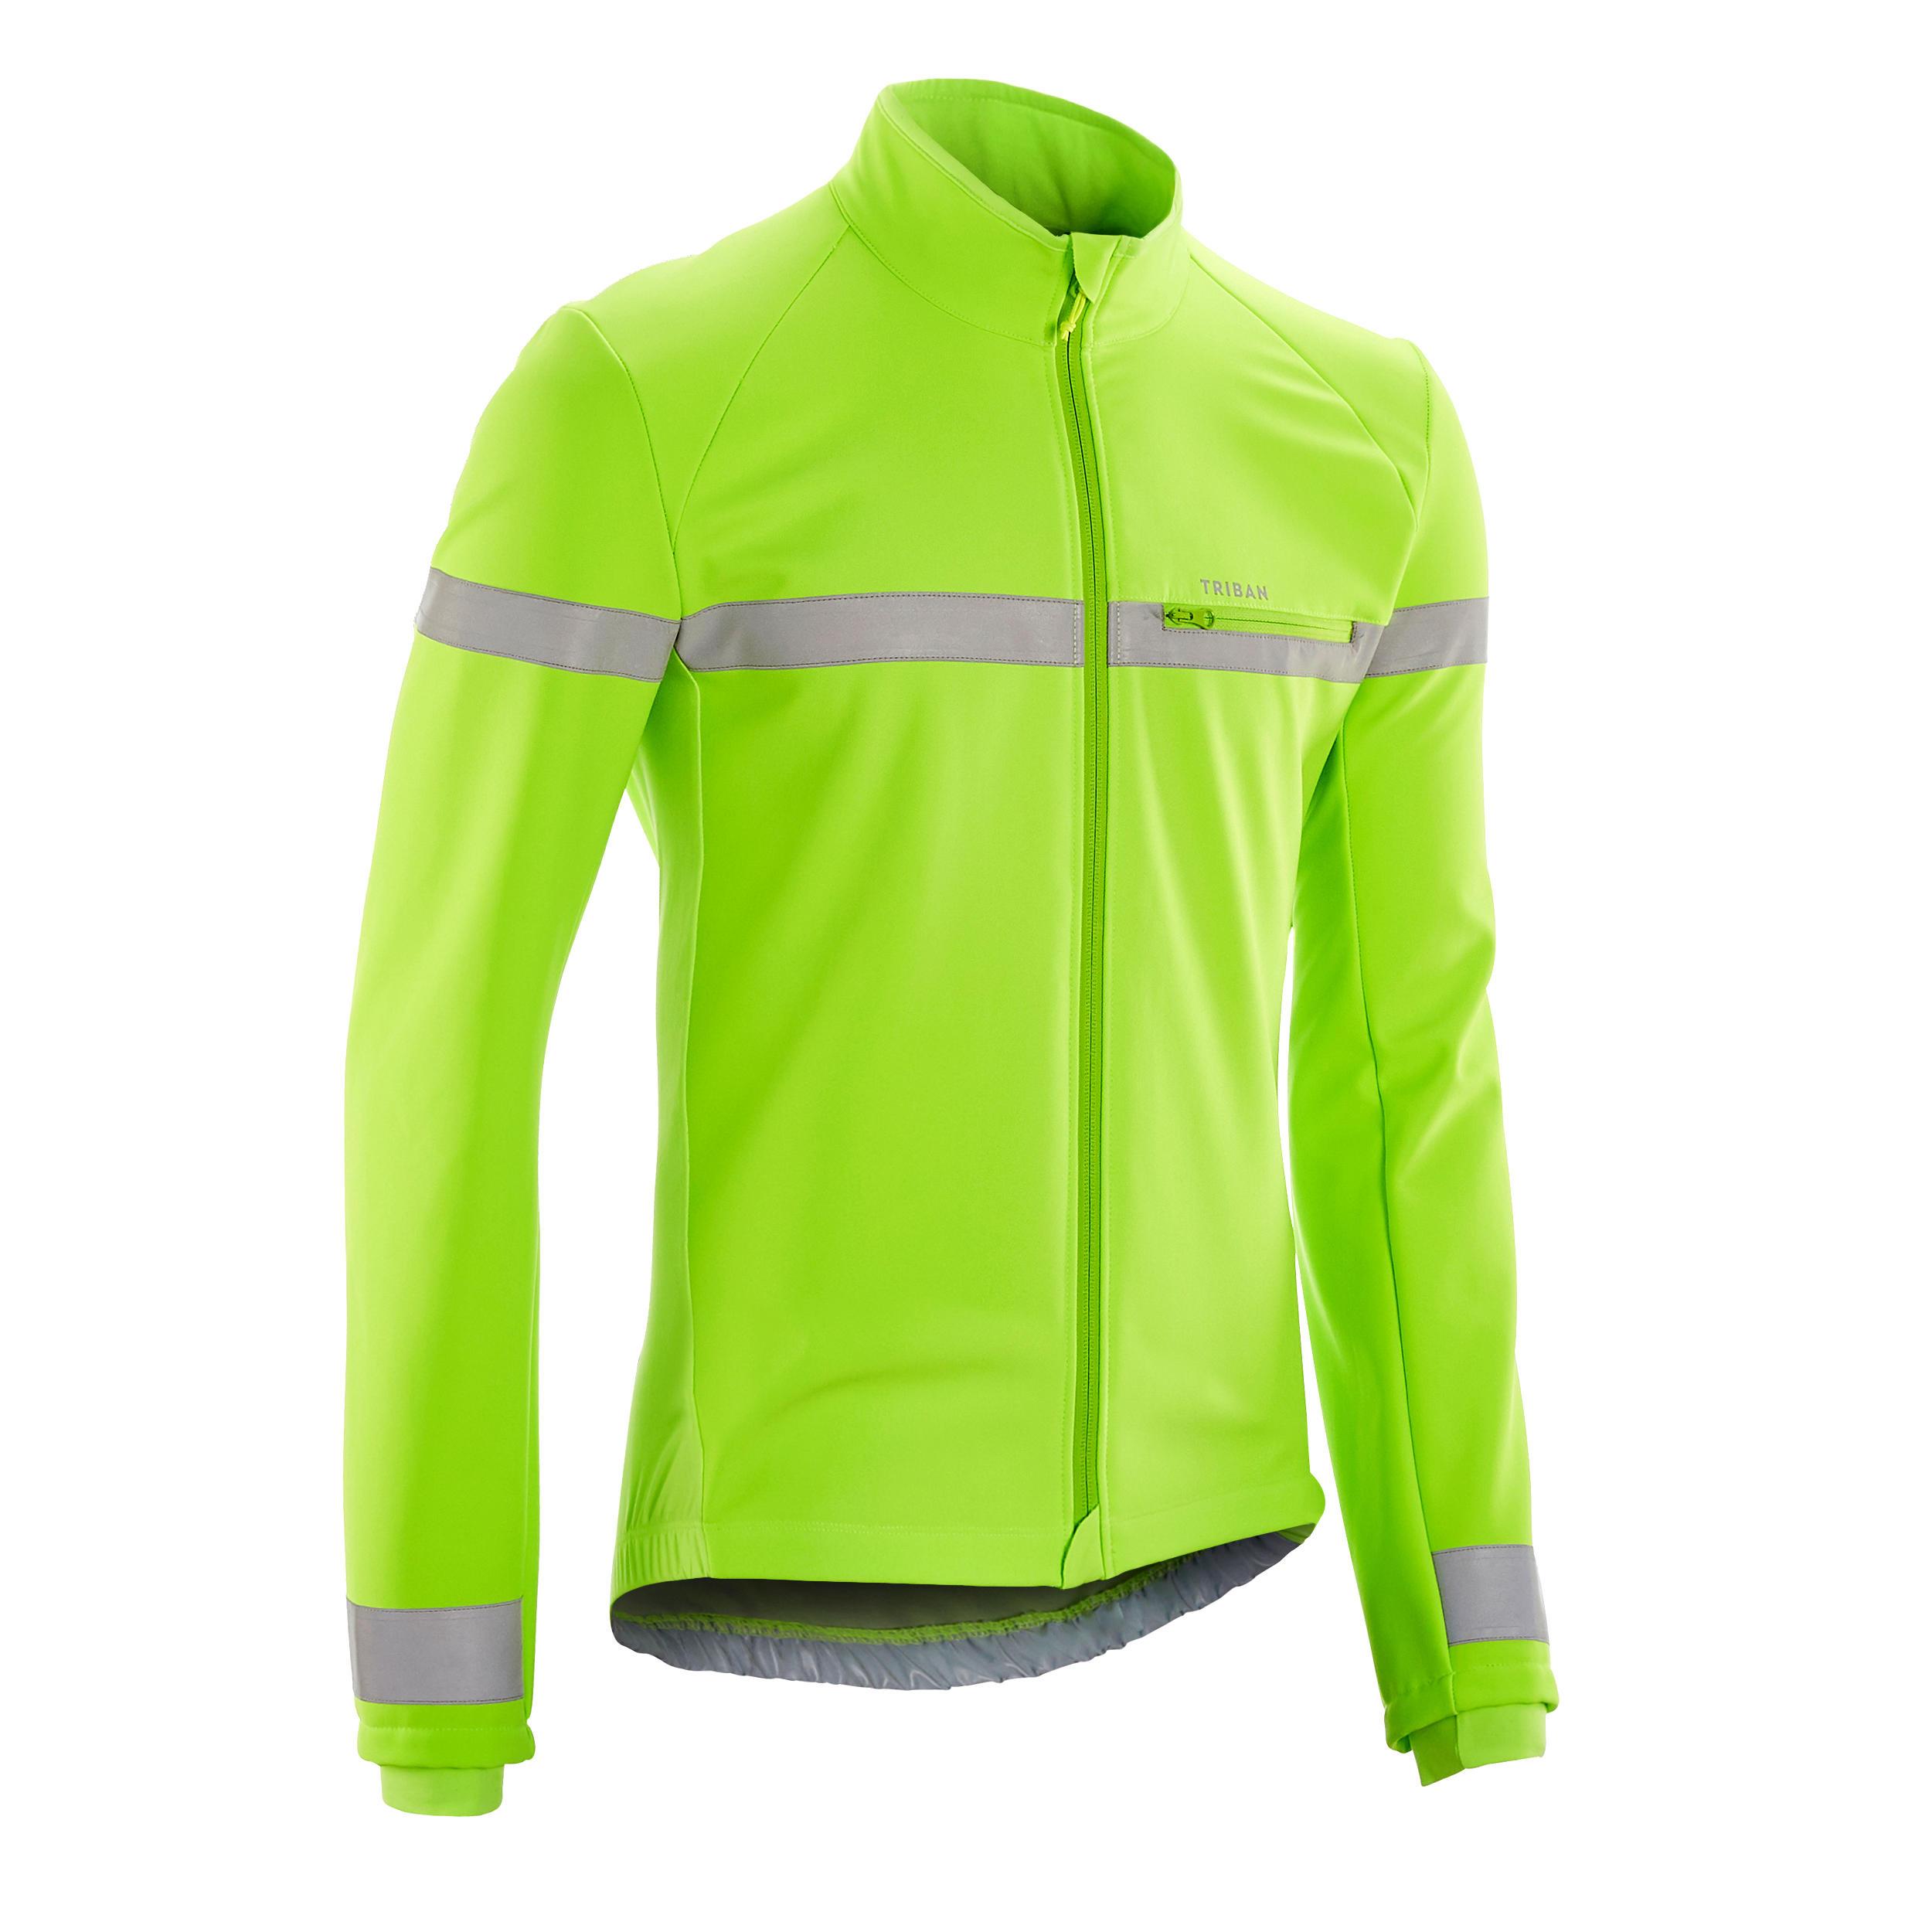 Jachetă ciclism RC 100 EN1150 imagine produs